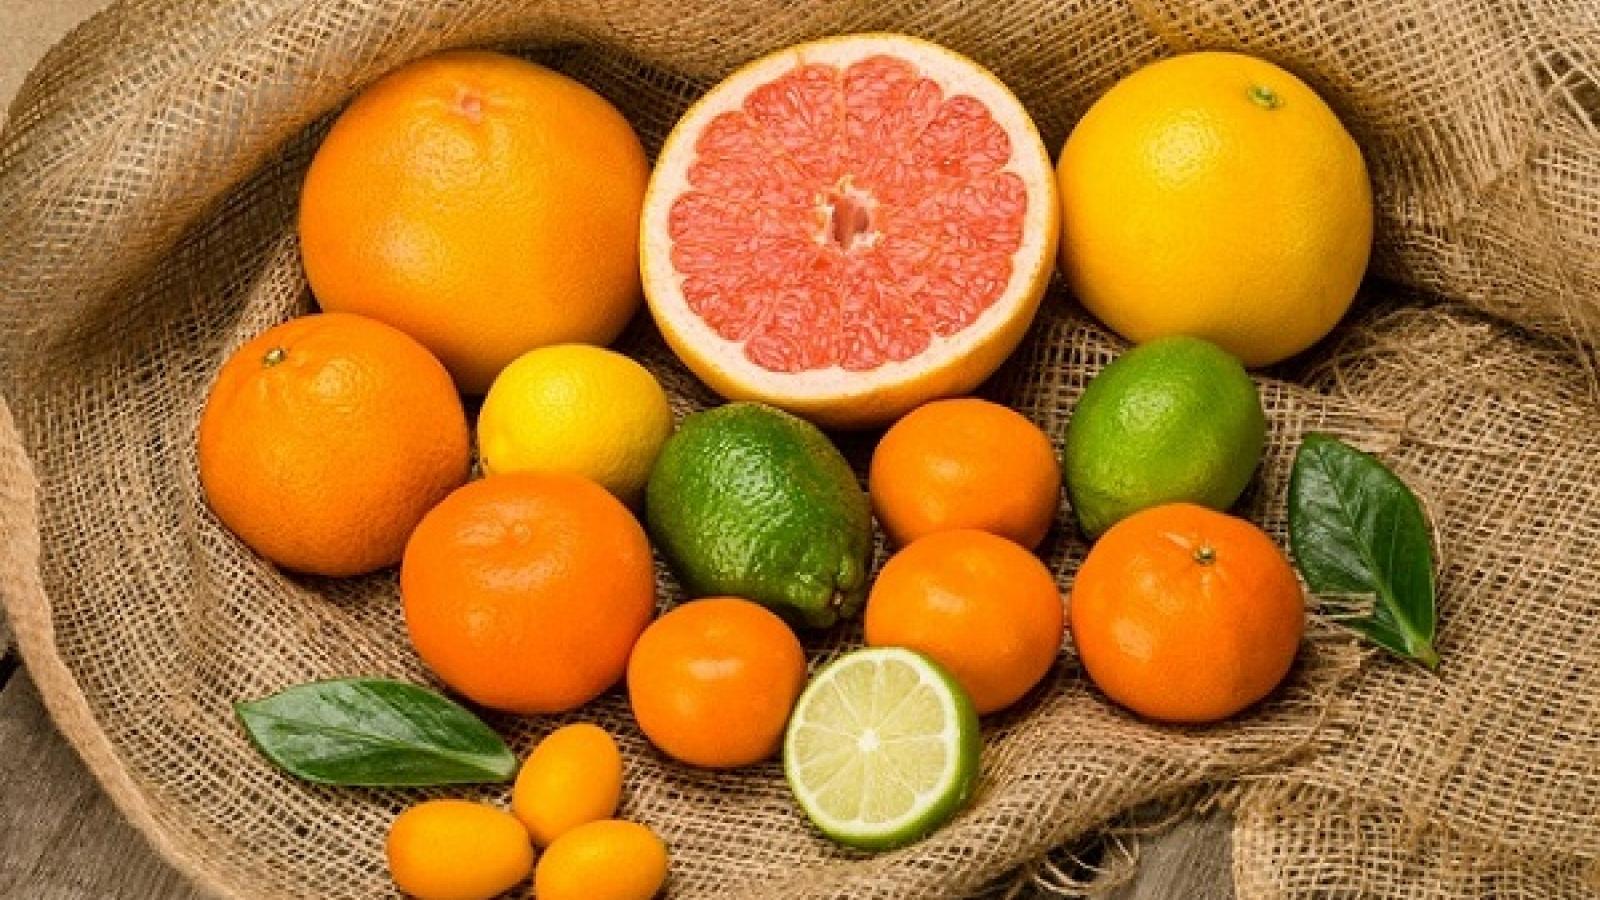 8 loại trái cây chứa ít đường giúp chị em giảm cân hiệu quả